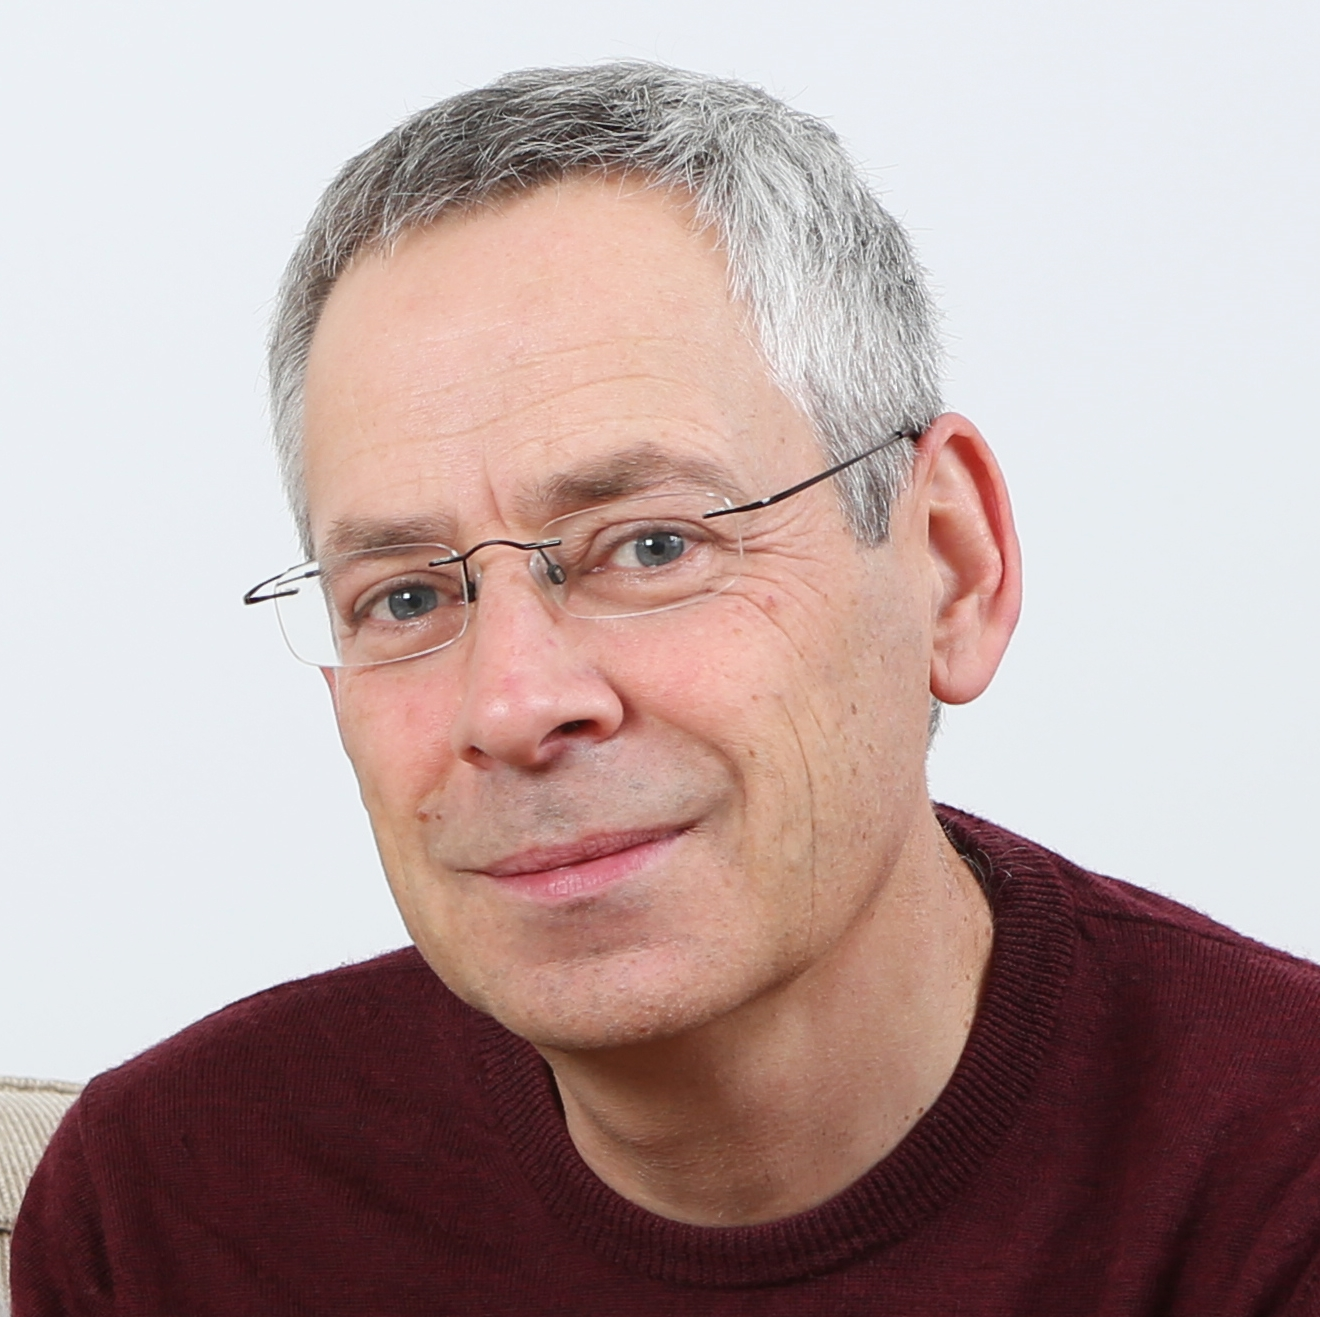 Tim Gill